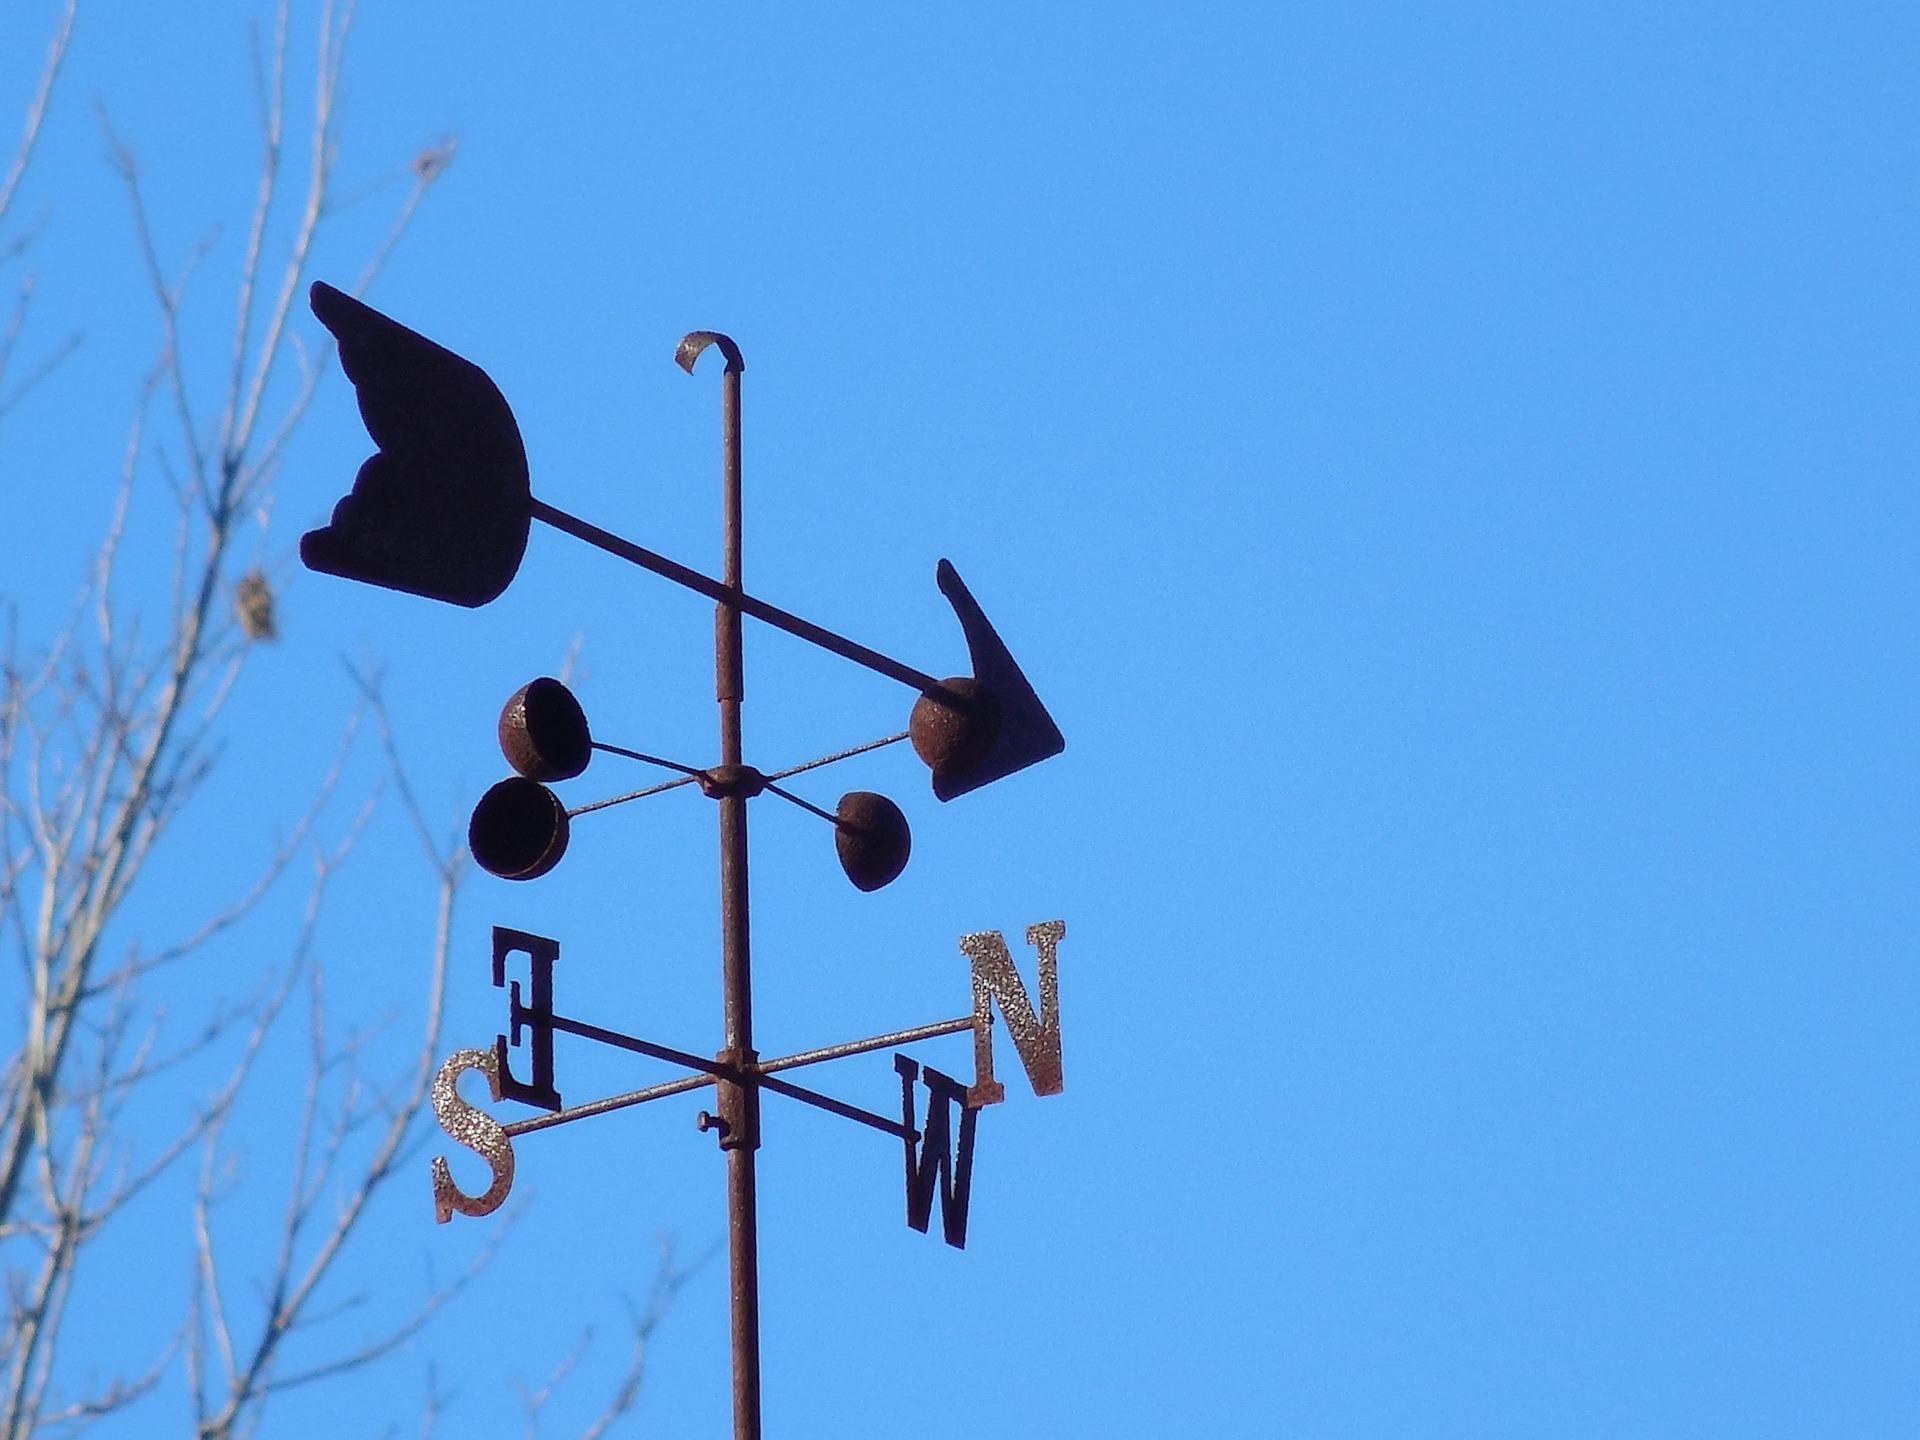 Wetterfahne vor blauem Himmel